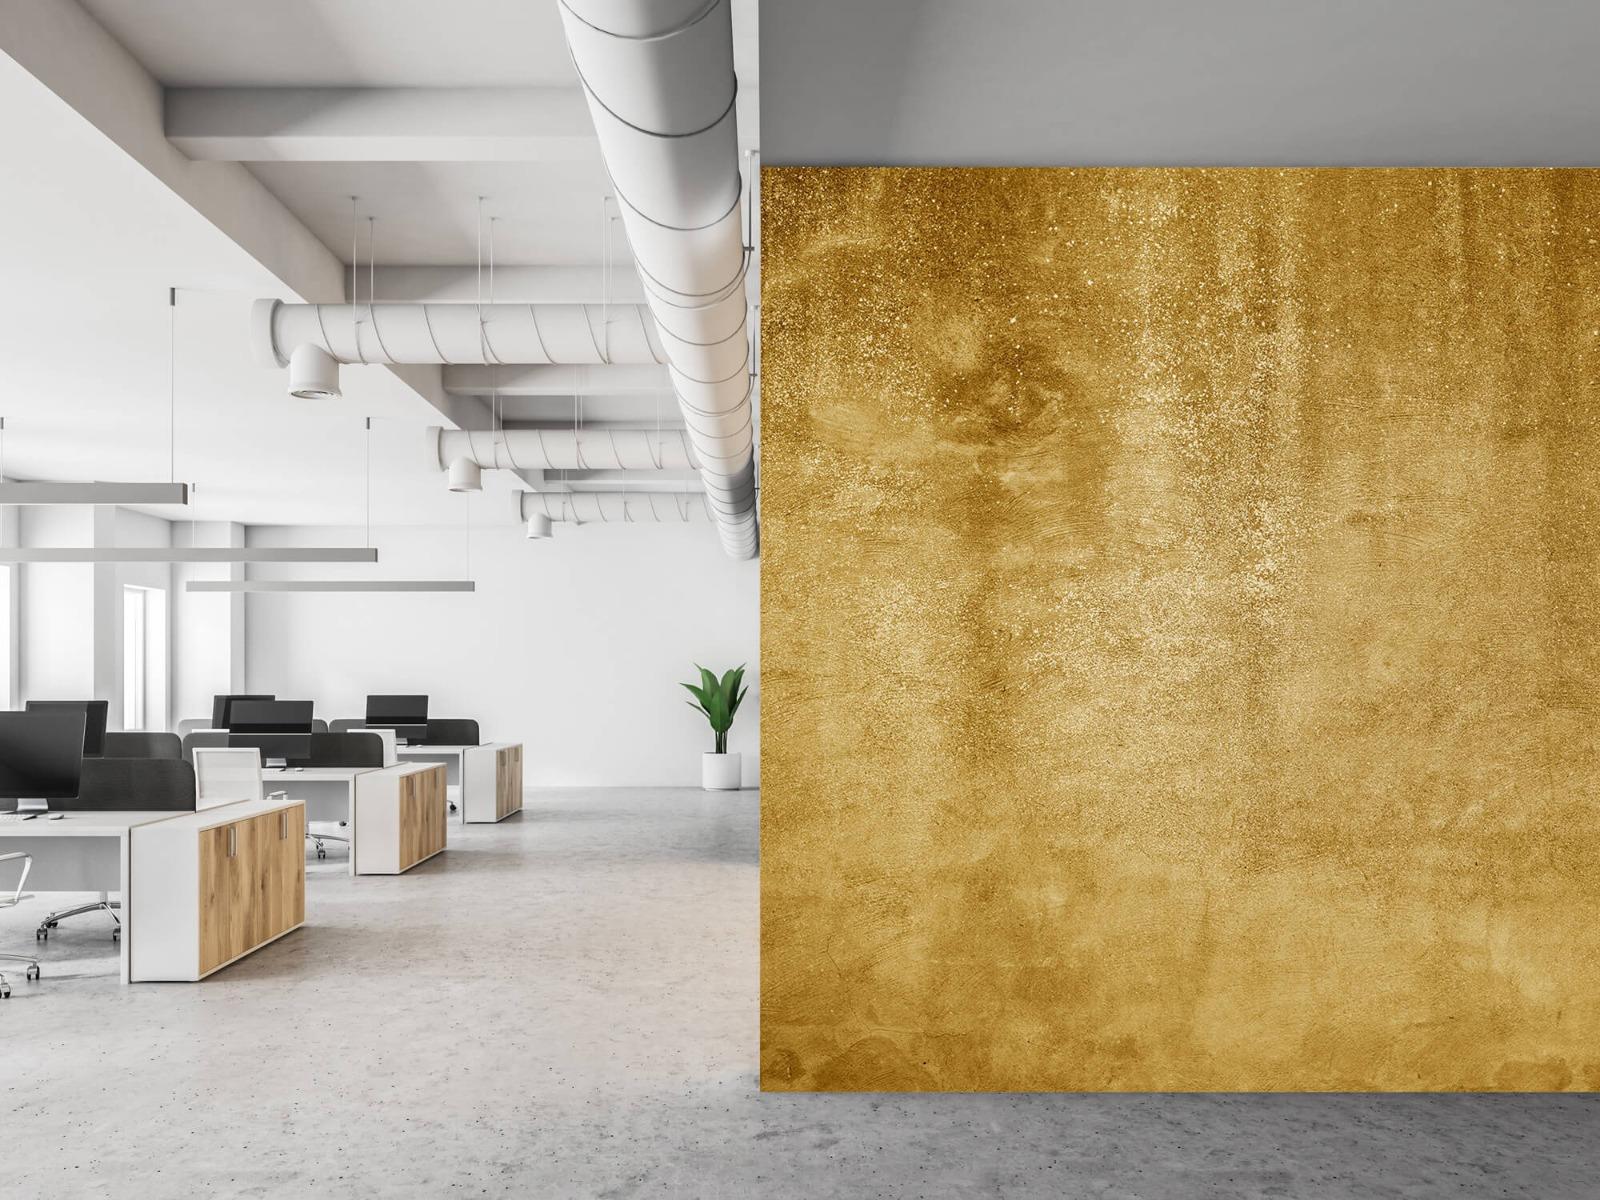 Betonoptik Tapete - Ockerhaltiger gelber Beton auf Fototapete - Wohnzimmer 21